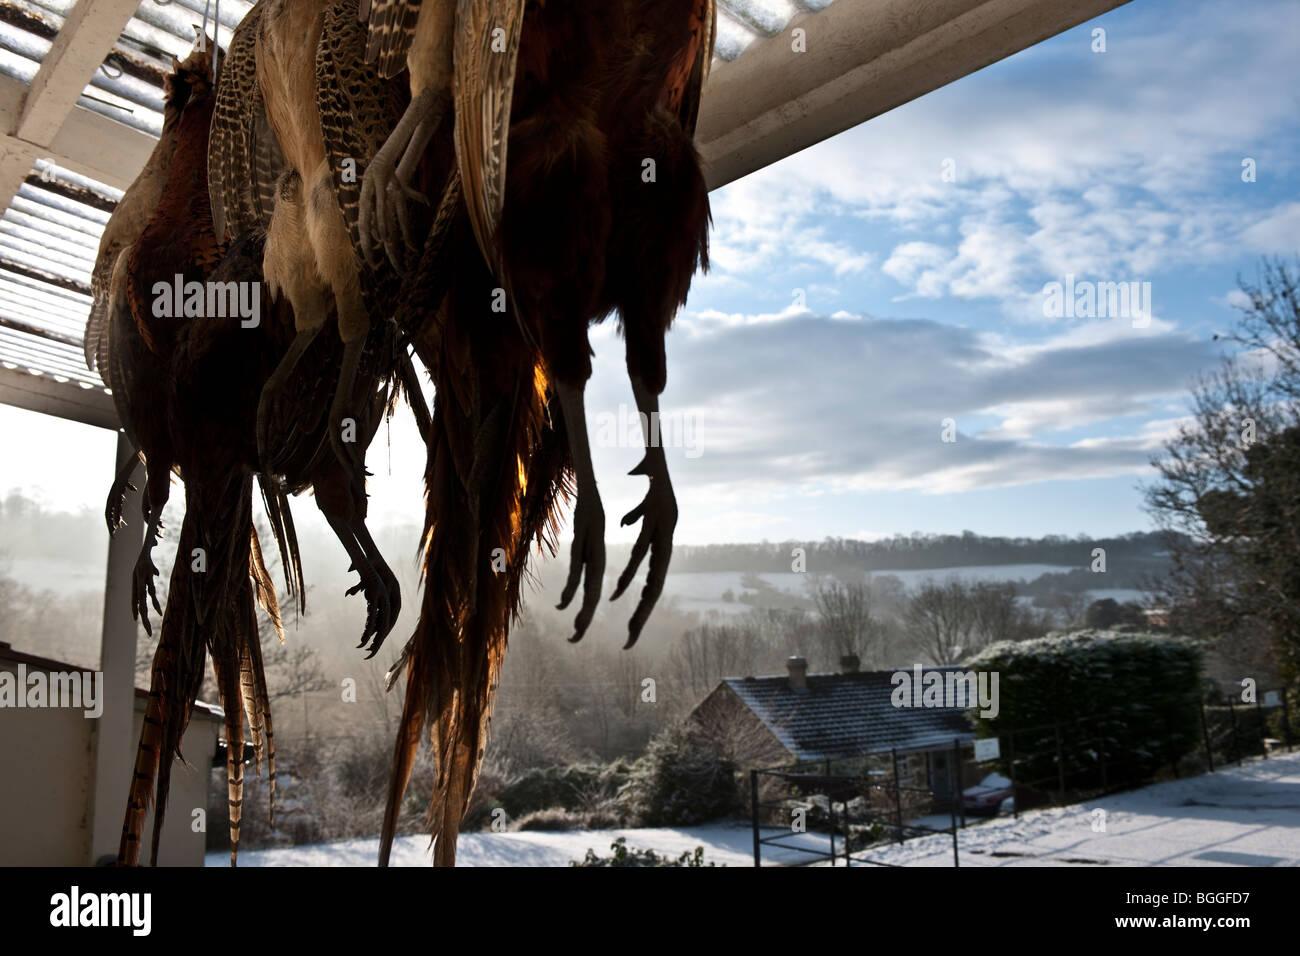 Fasane hängen draußen im Schnee Winter Land Stockbild